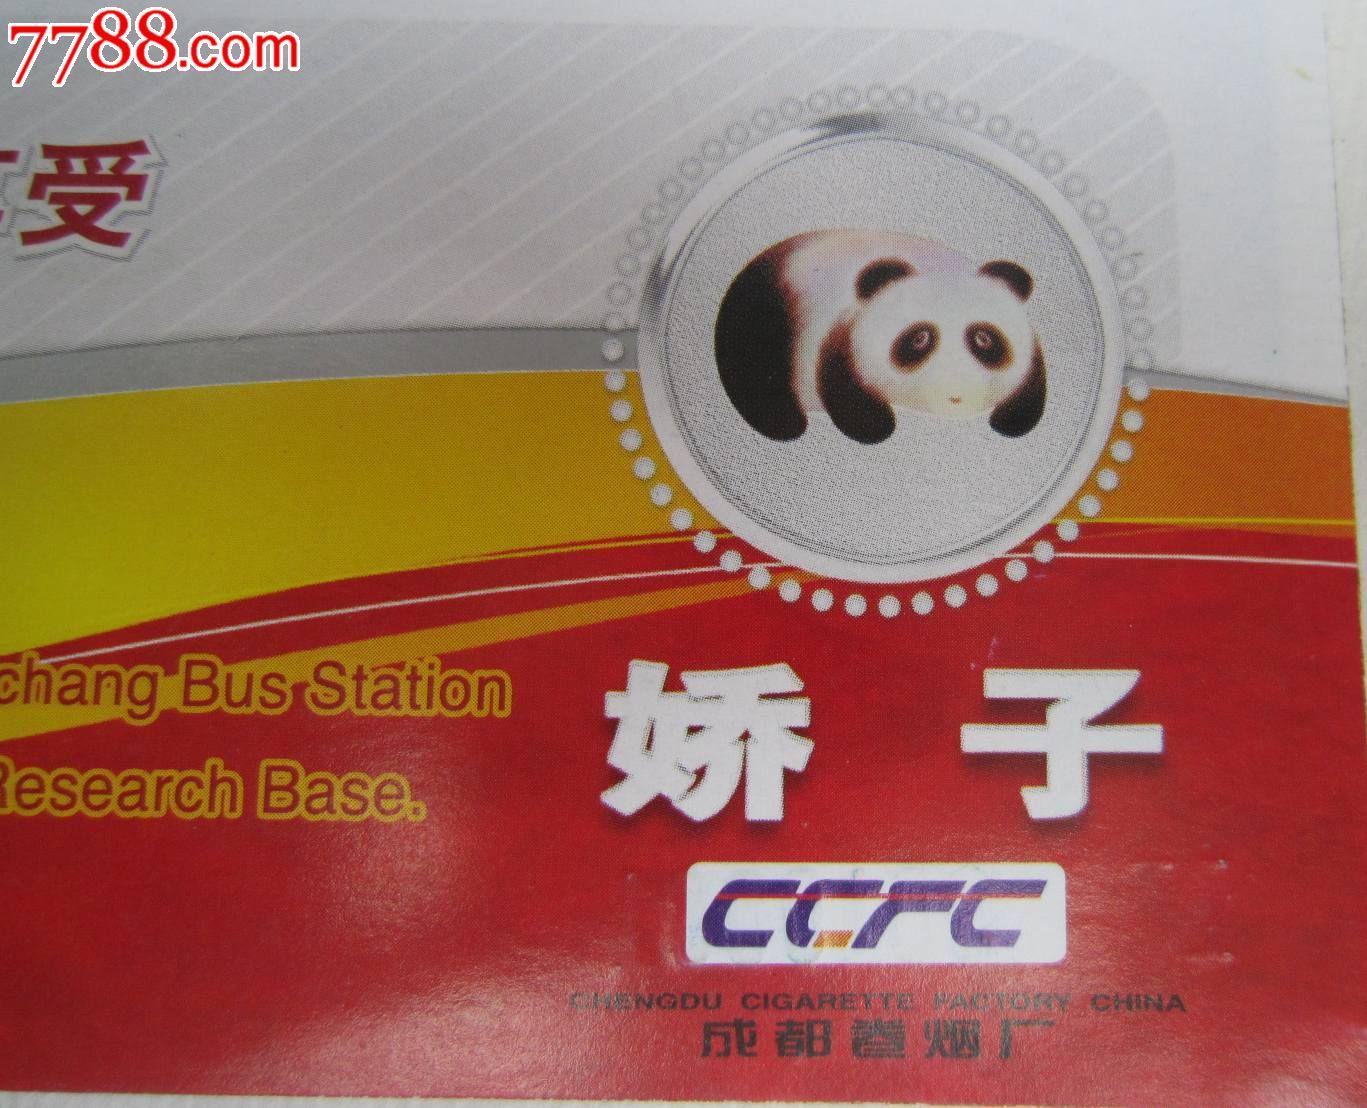 成都大熊猫基地参观券(背面是熊猫娇子烟的广告)(hh:120.3)